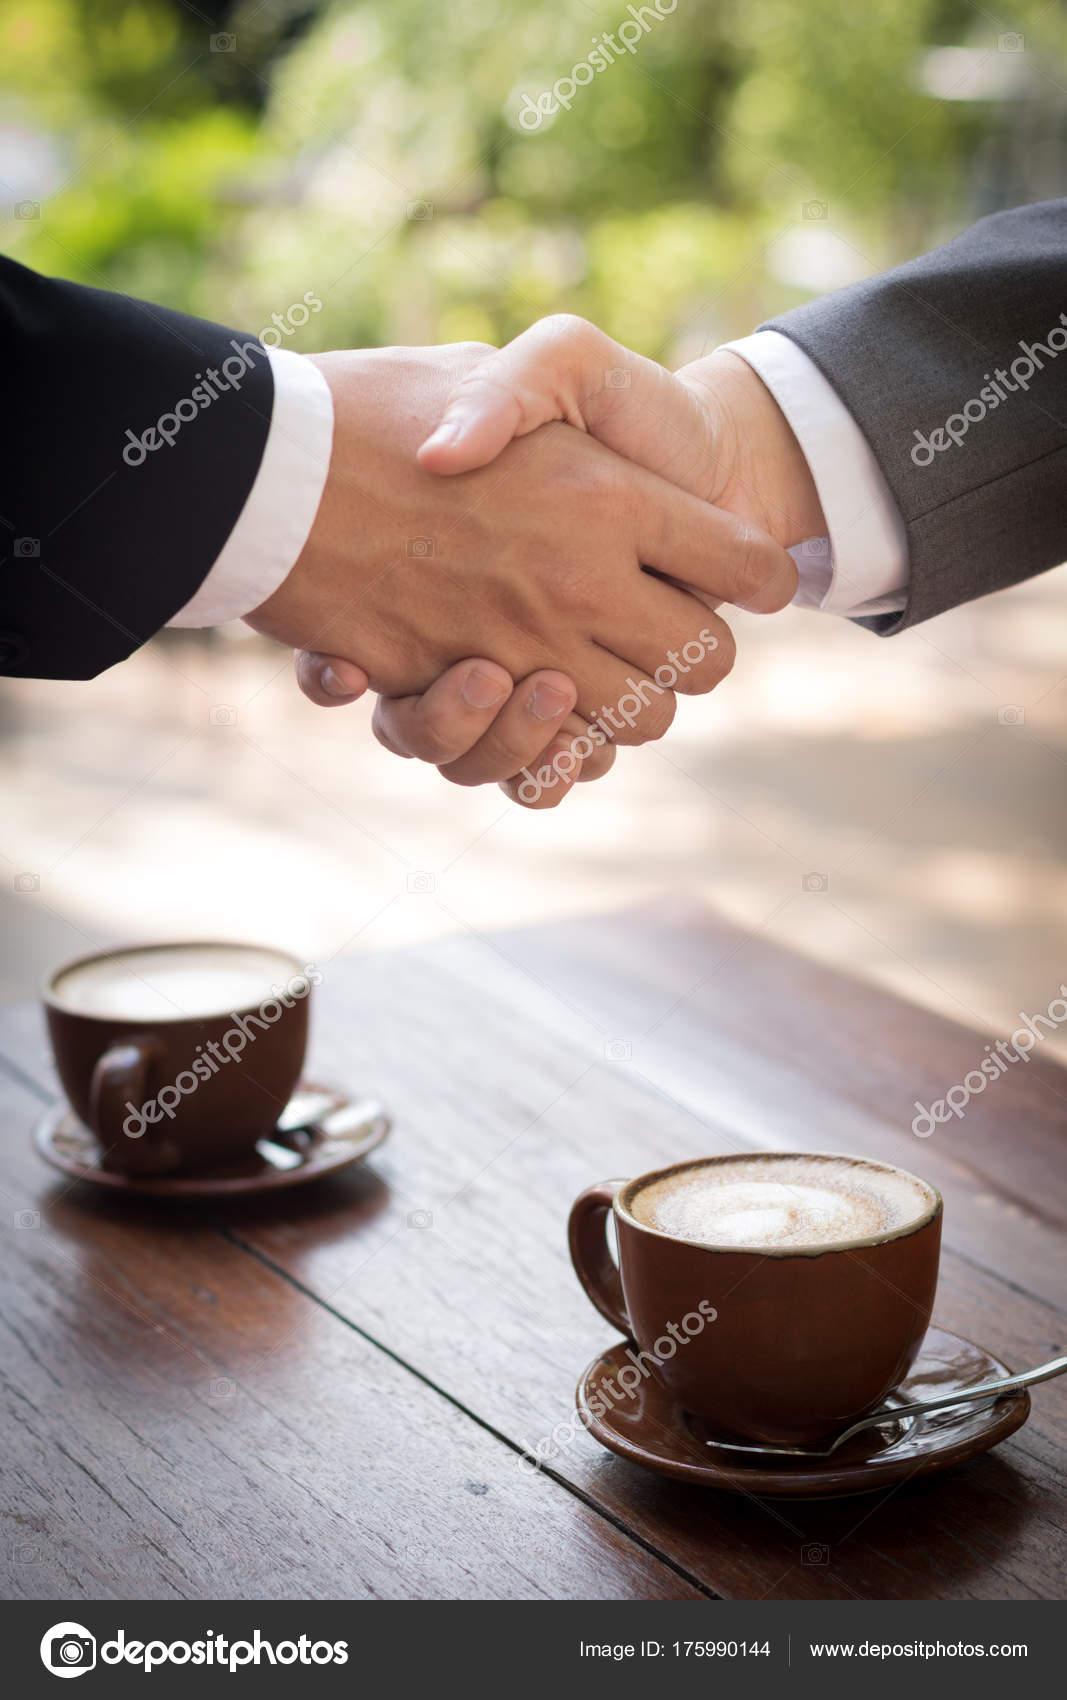 fan manga pour de de site rencontre rencontre tasse site thé de de  Anonyme, January 11, 2018 9:45 américain de Suresnes, près de à partir de 18h, et les Nancéiens sont arrivés en et pour partager les petits cave aménagée au sous-sol.